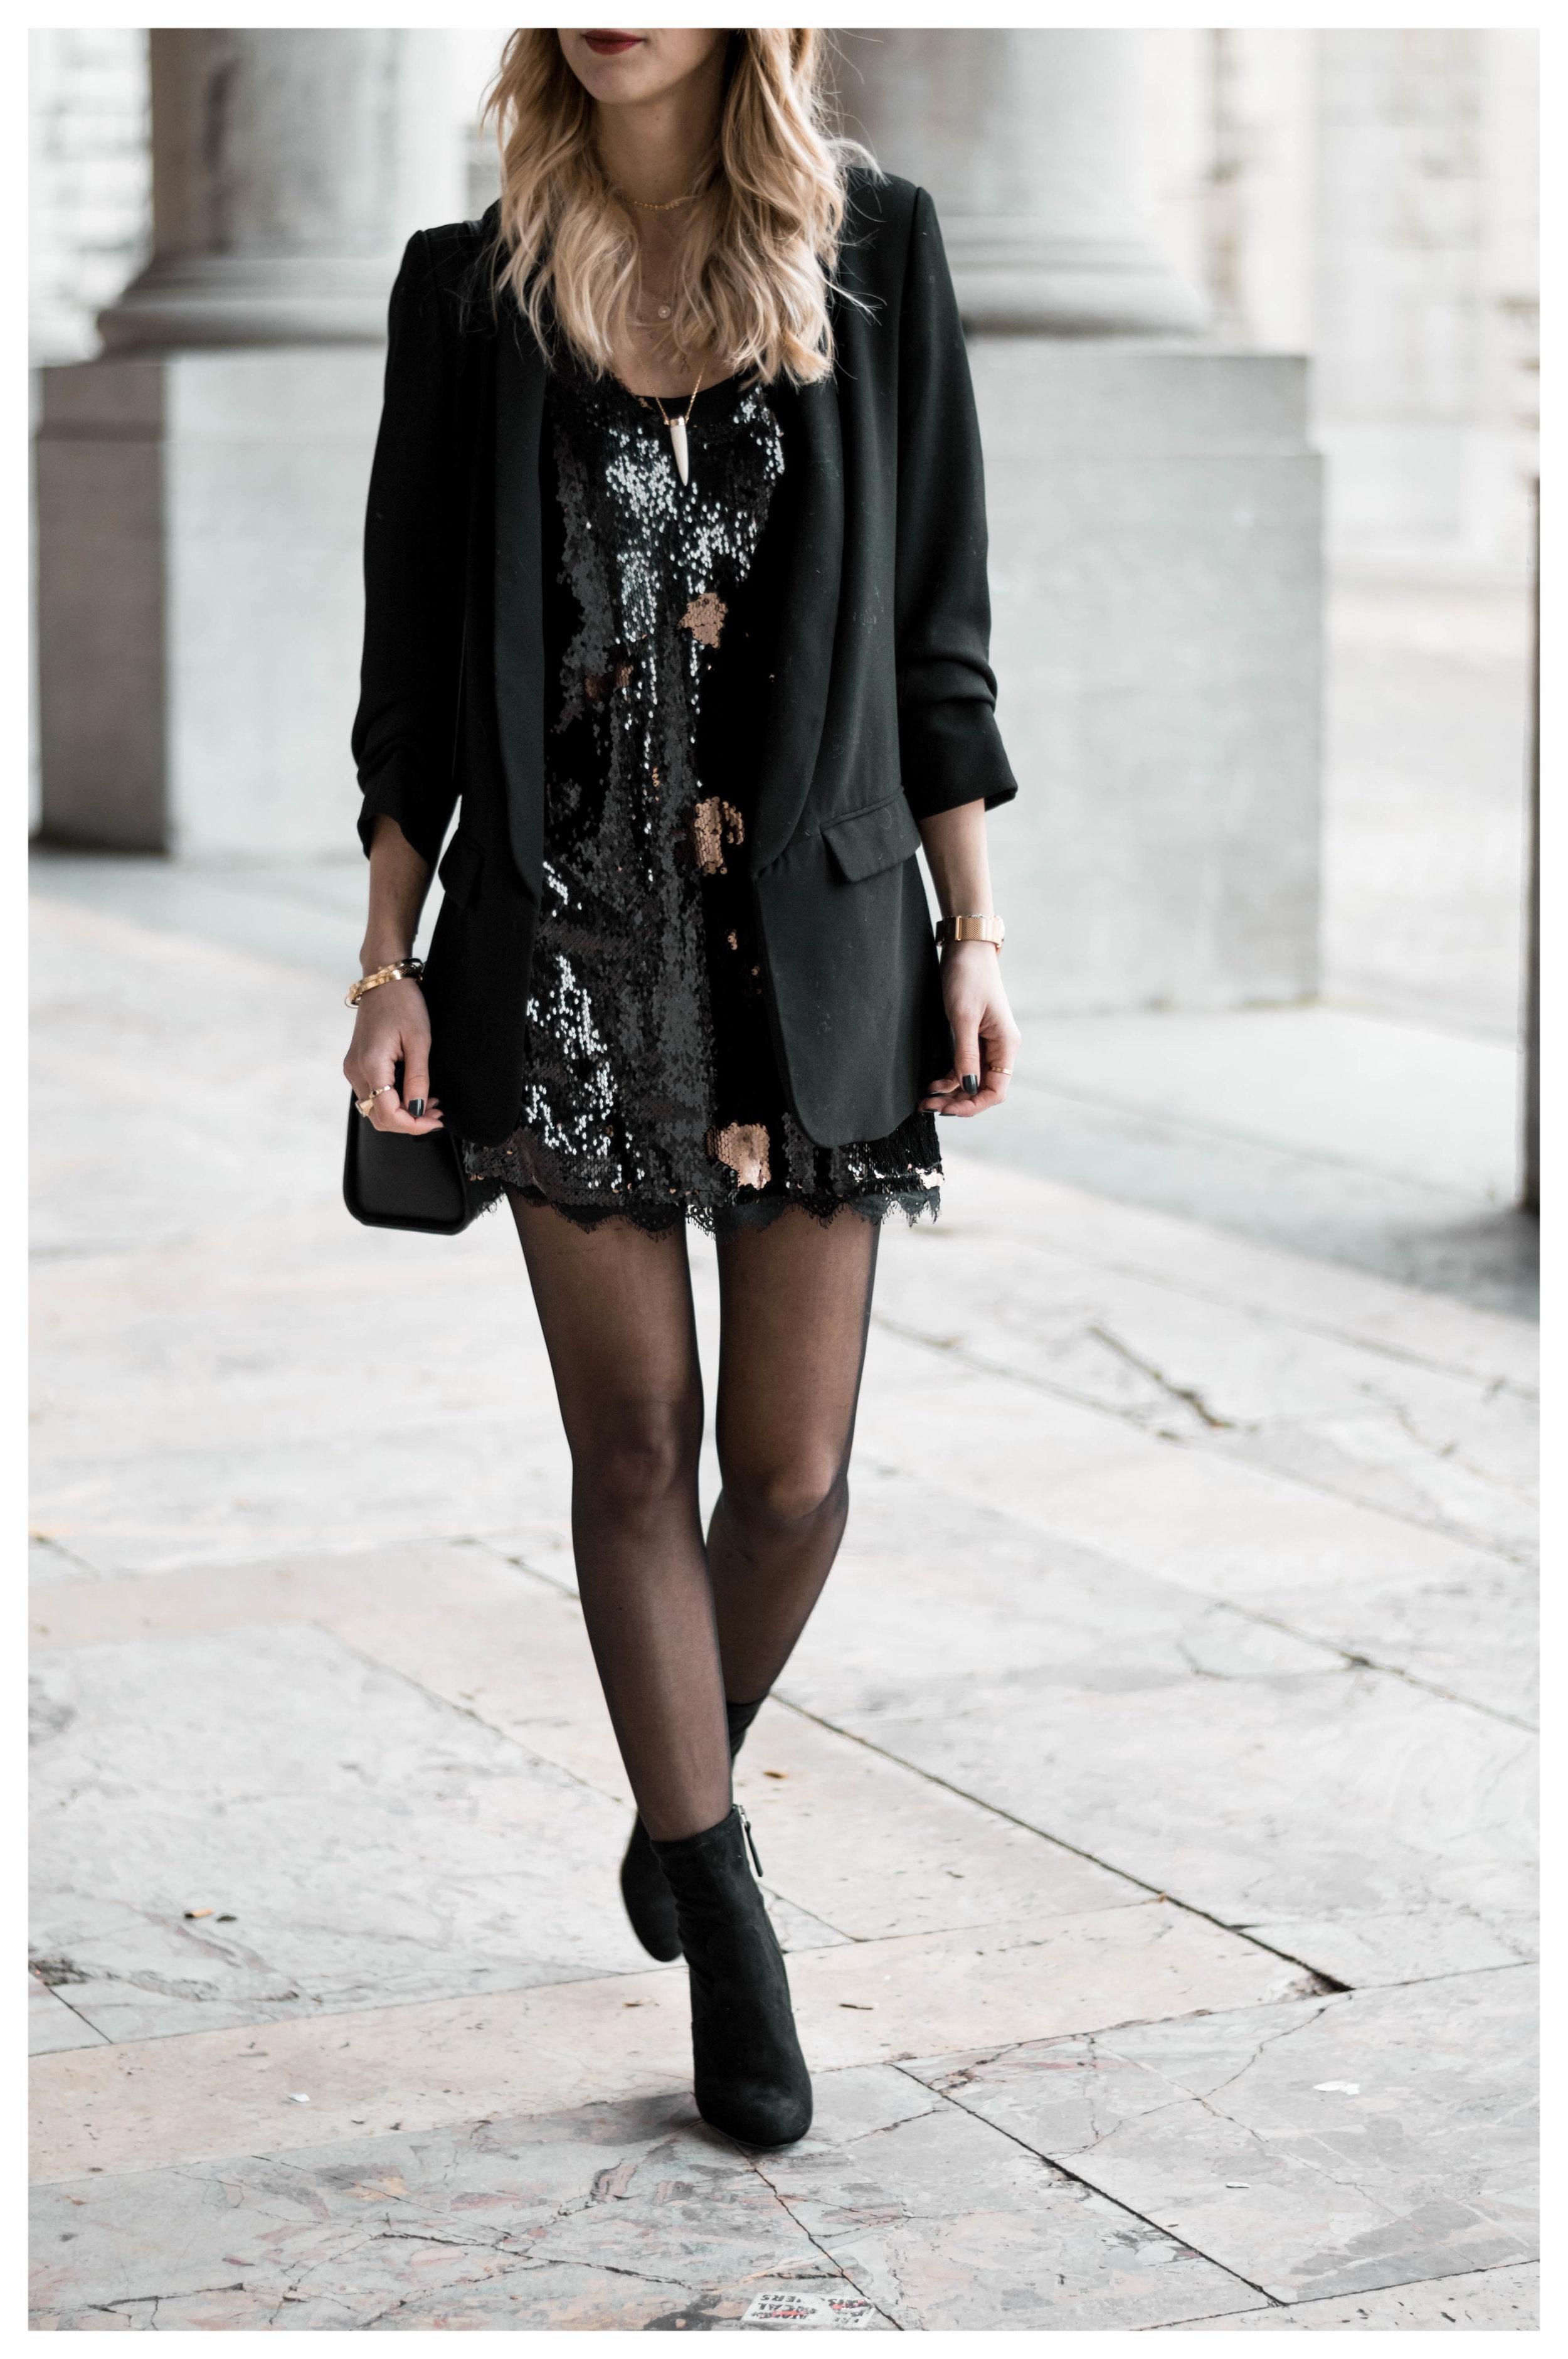 Party Dress Zalando - OSIARAH.COM (1 sur 3).jpg